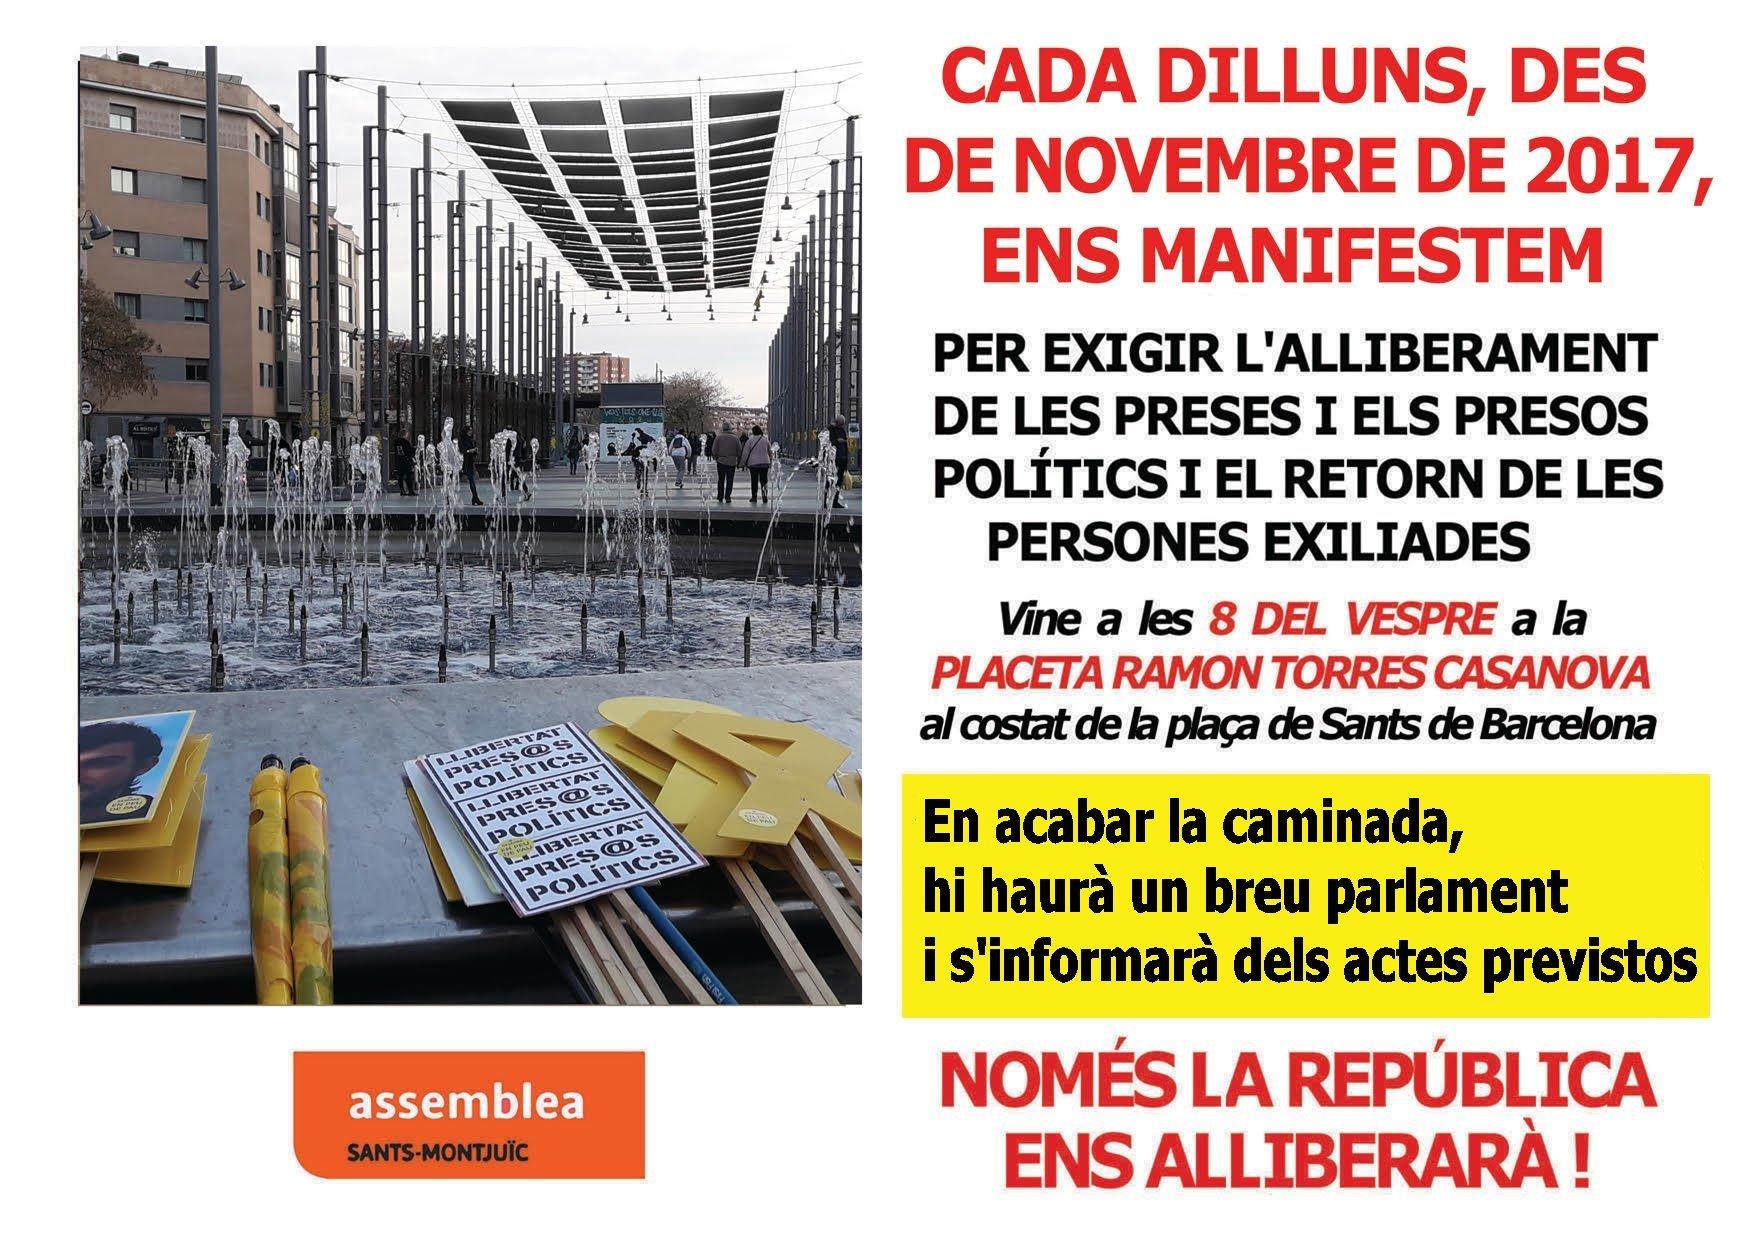 Manifestació setmanal per la llibertat dels presos i exiliats polítics